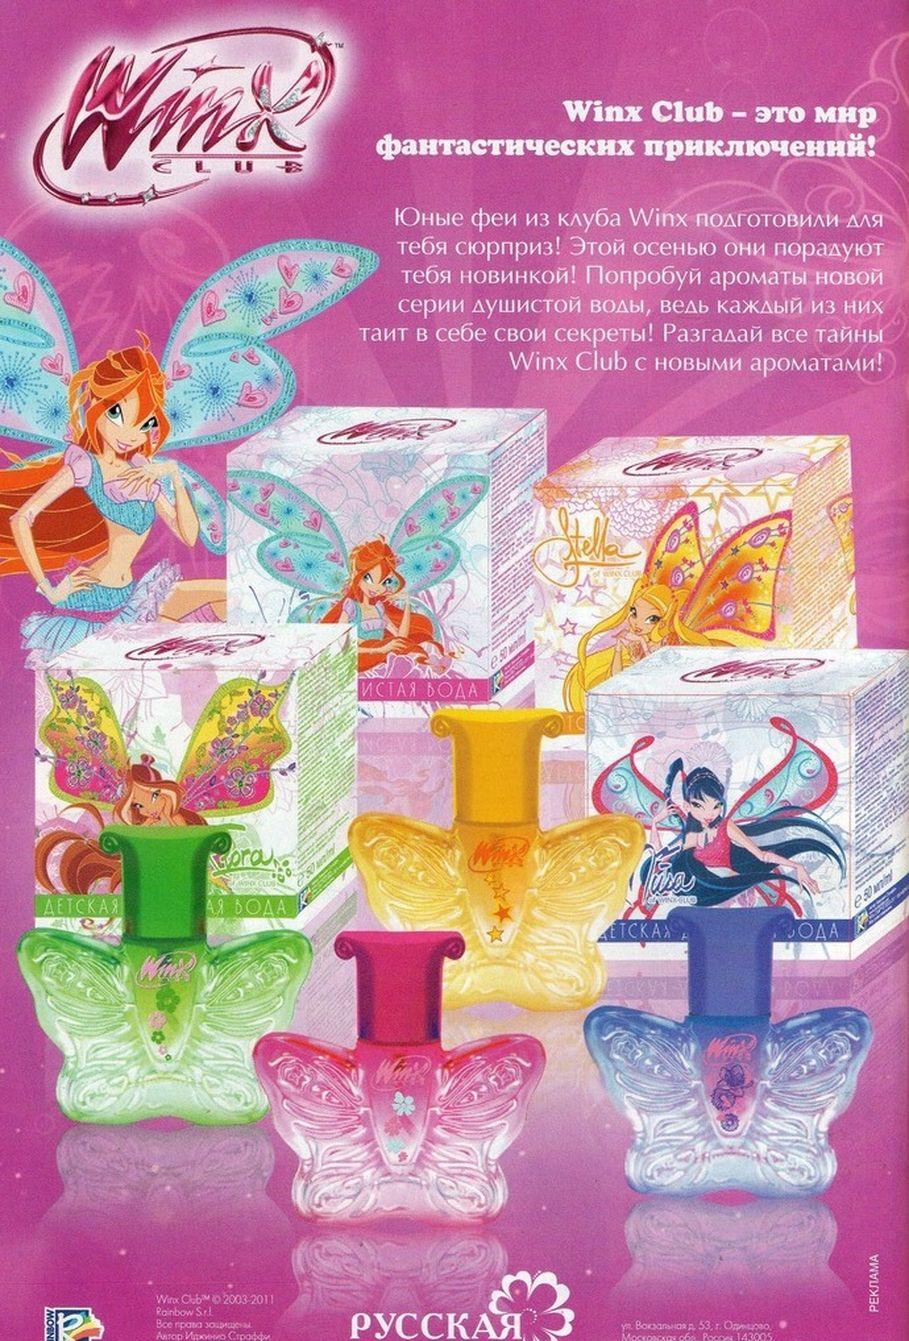 Комикс Винкс Winx - Каменные великаны (Журнал Винкс №11 2011) - стр. 13